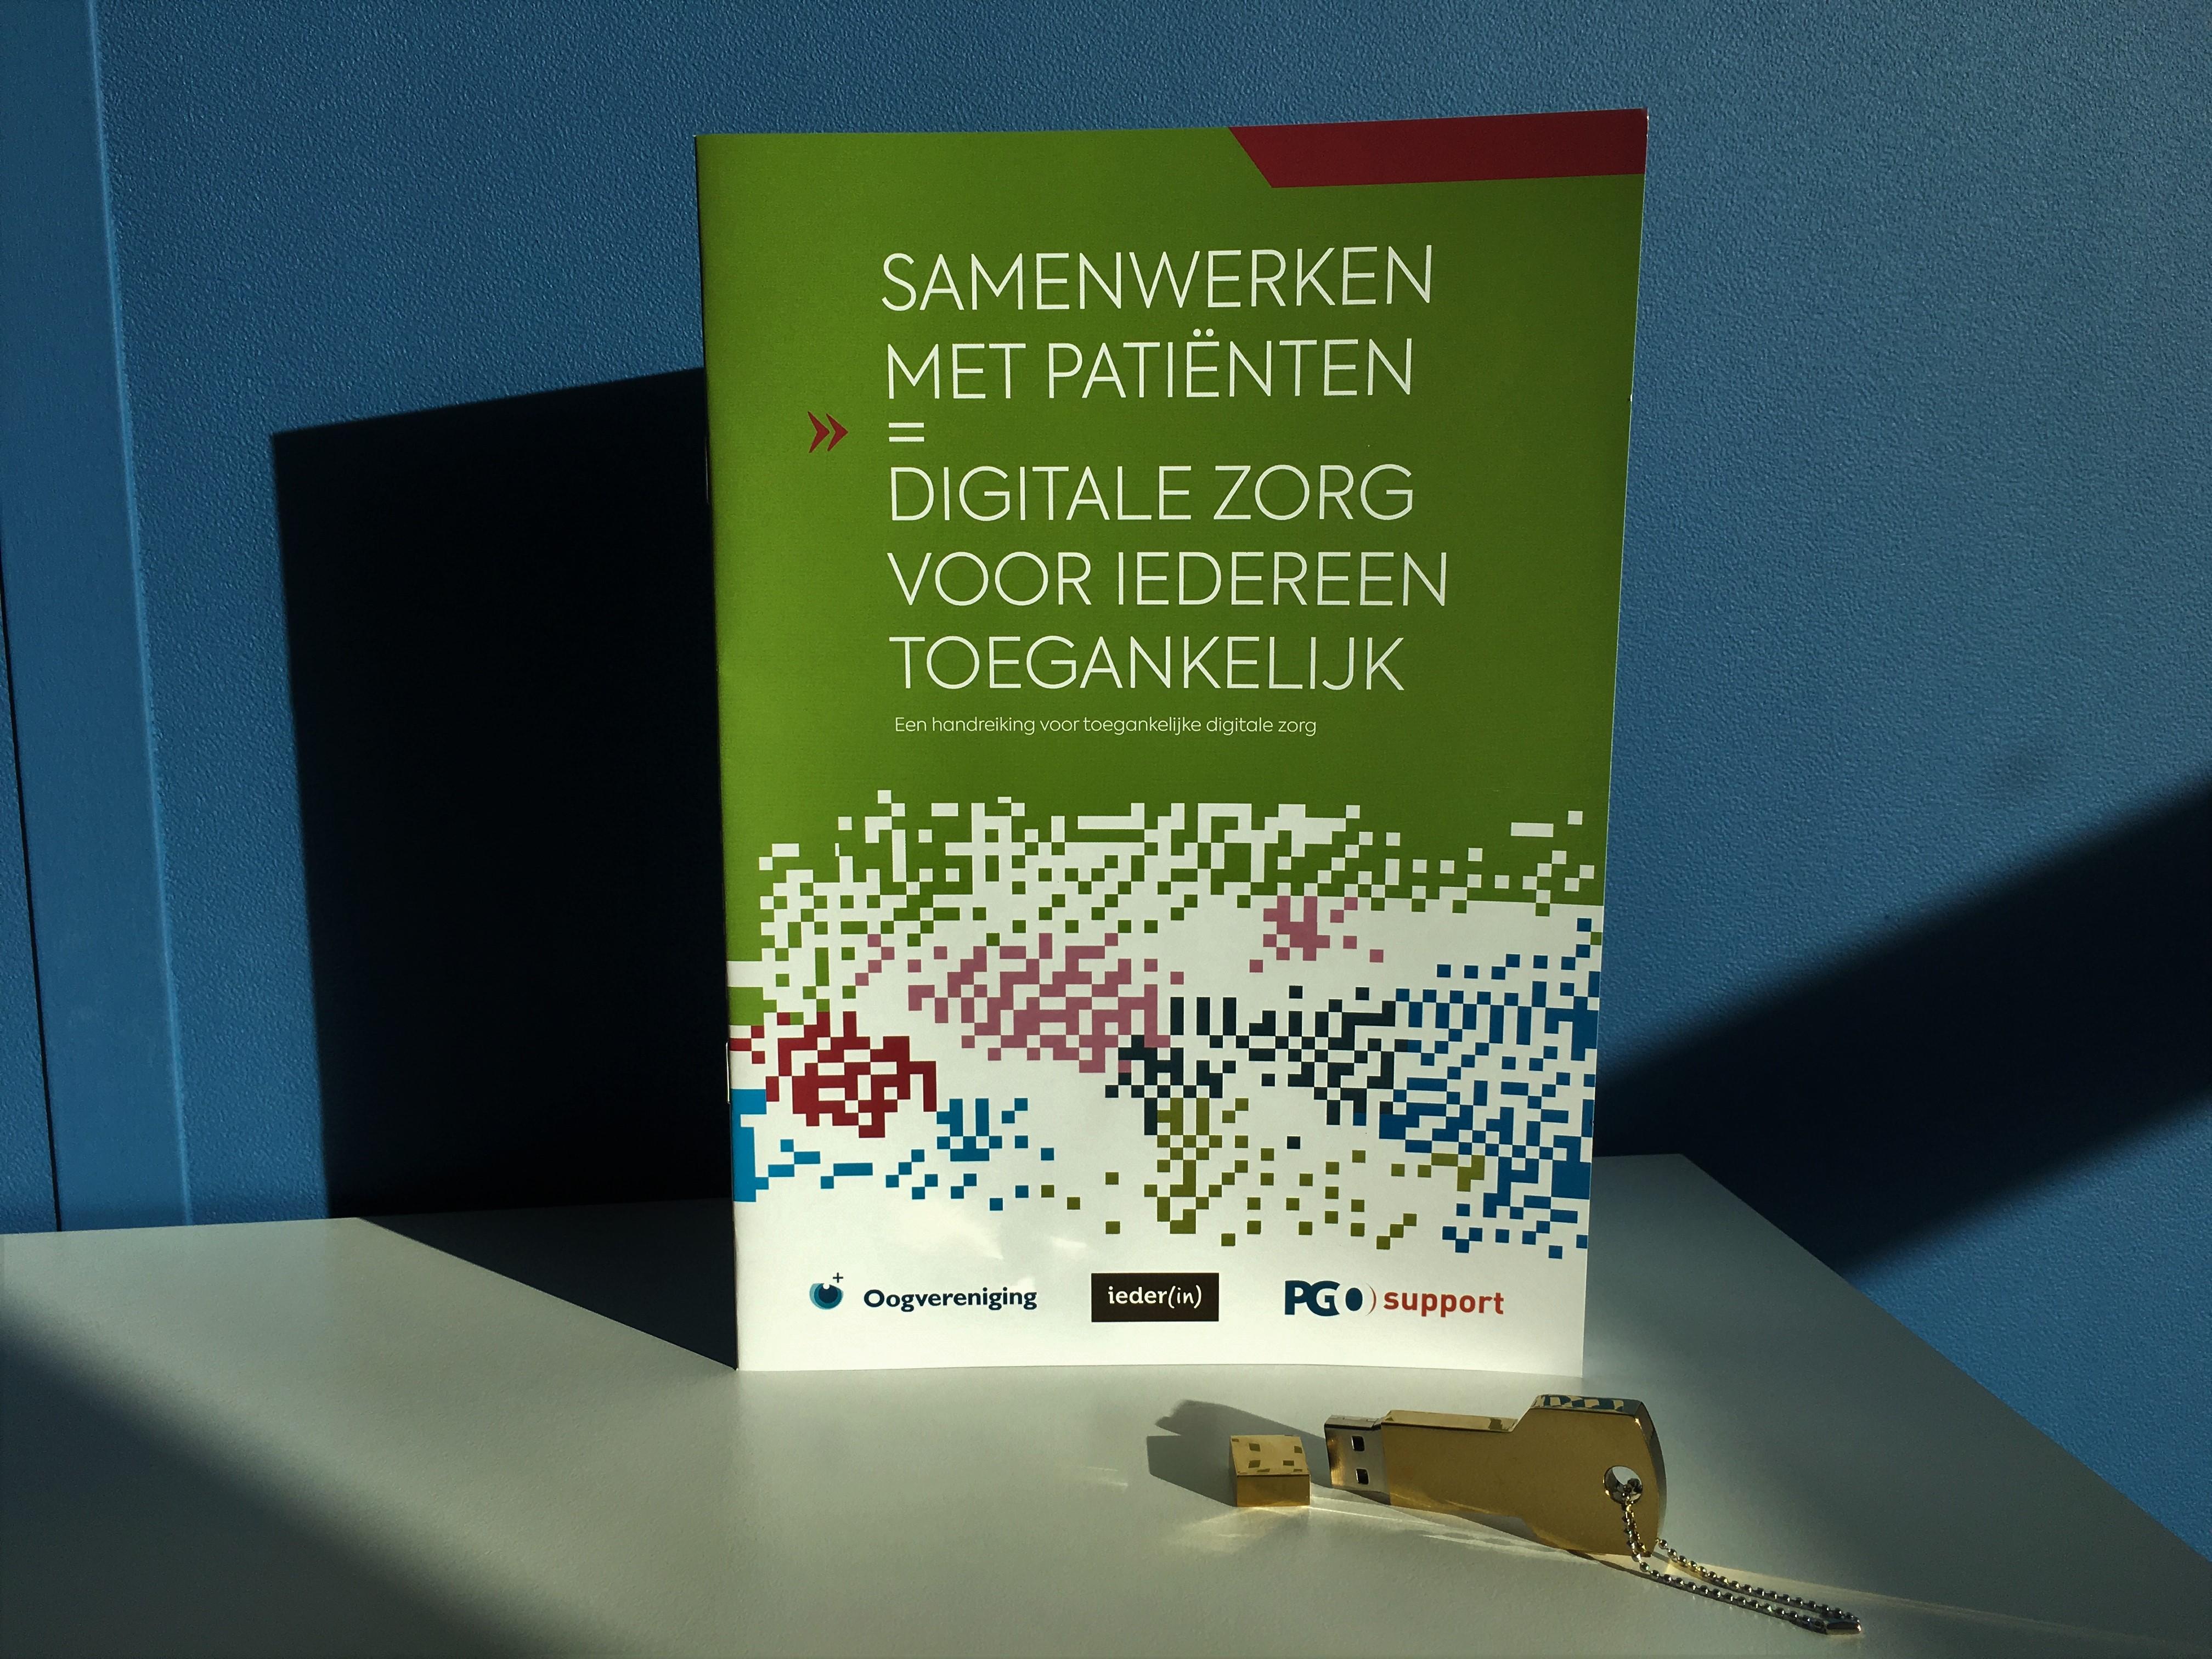 Foto Brochure digitale zorg voor iedereen toegankelijk